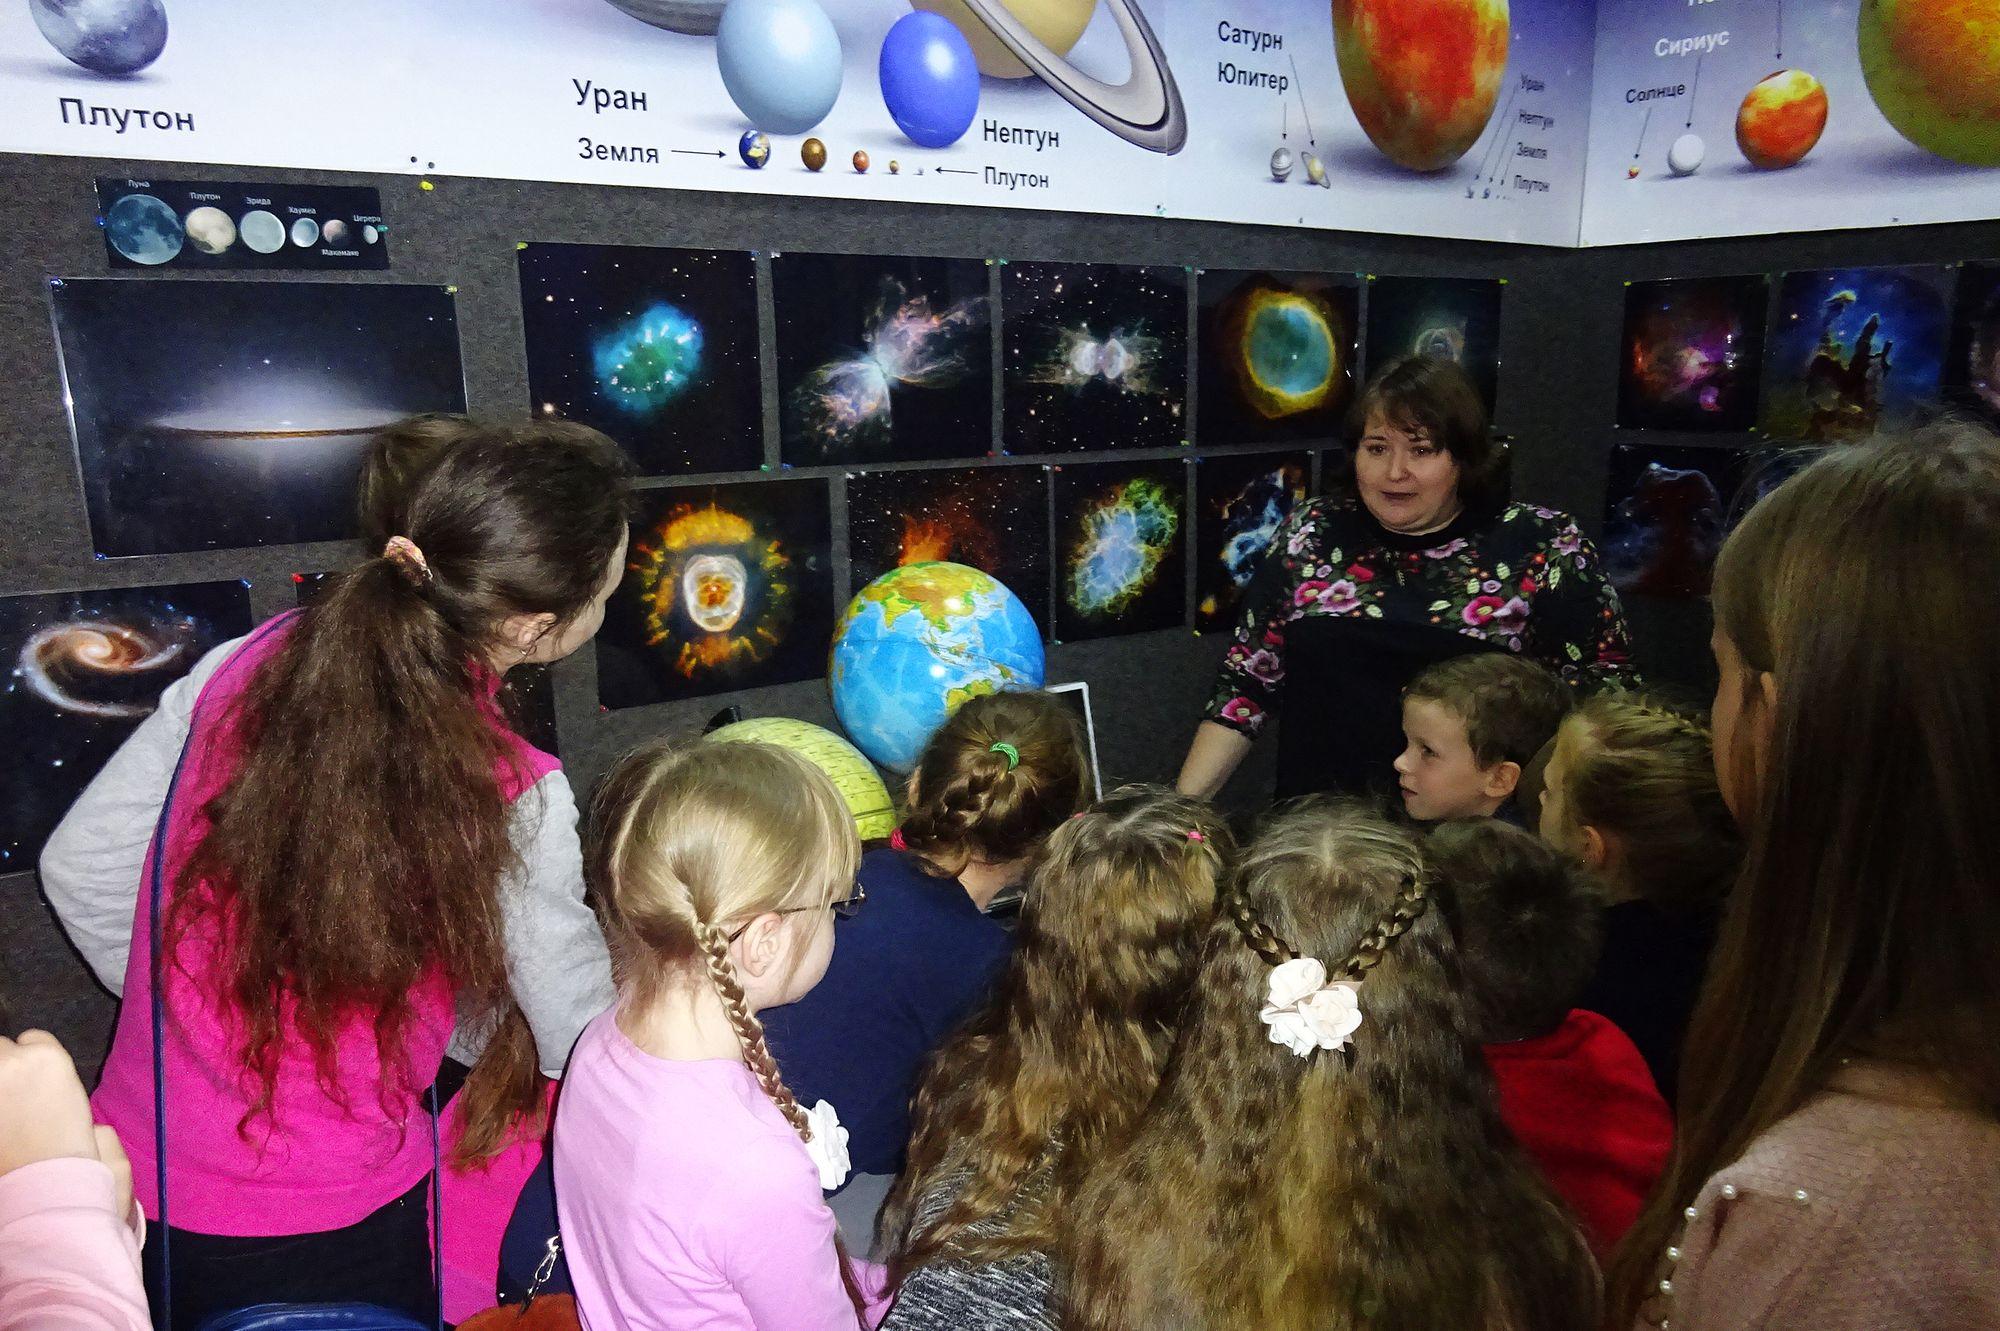 Детская библиотека назвала тех, кто провел «Звездные каникулы» наиболее продуктивно